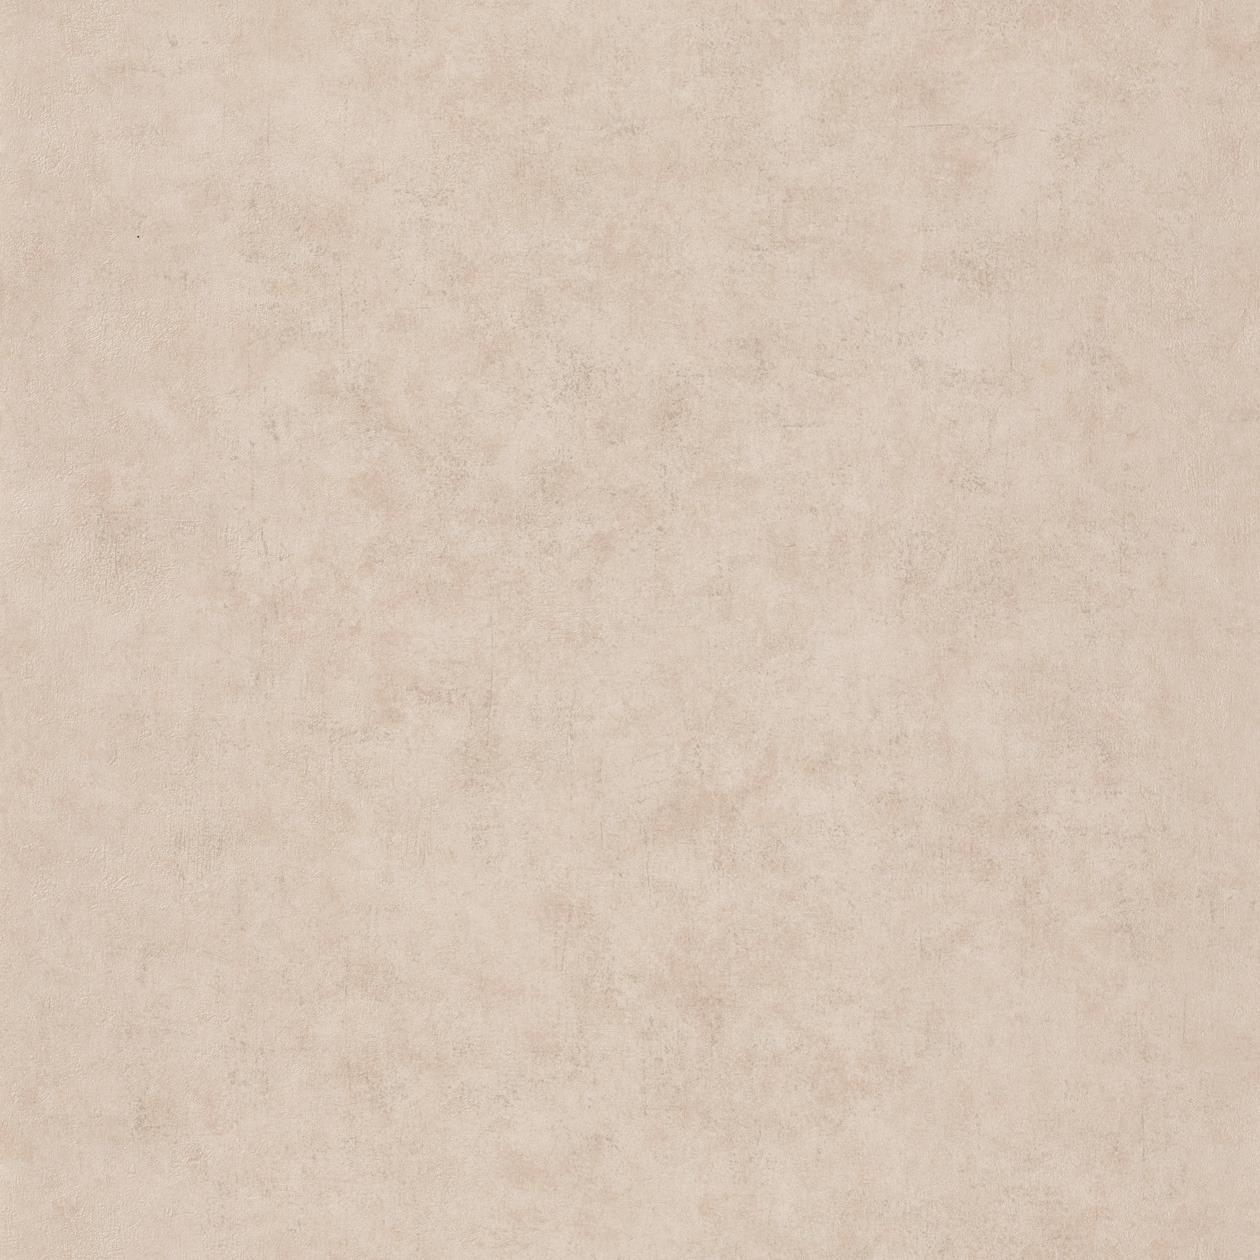 Обои Caselio Beton 0,53 см. 101491287